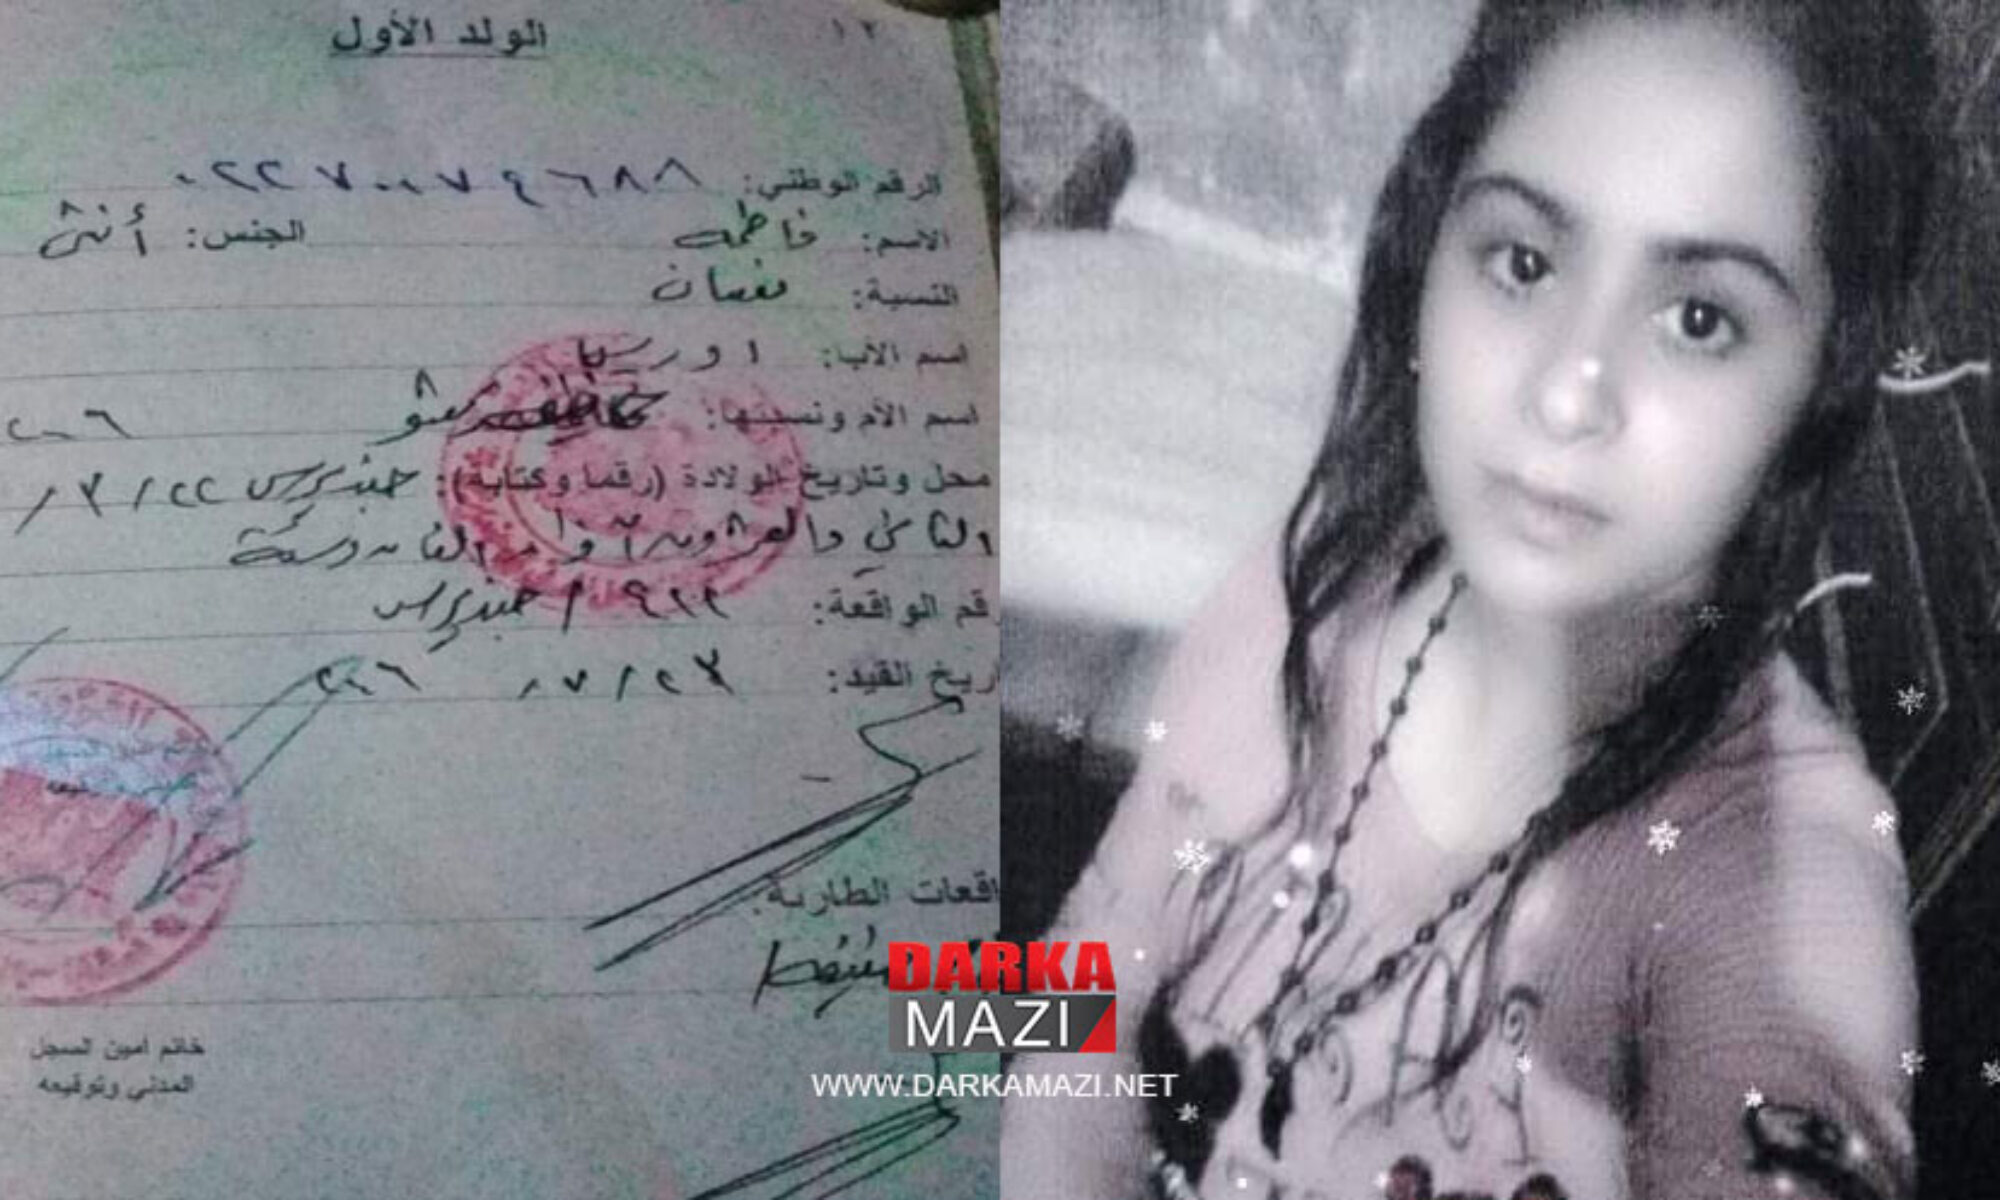 PKK'nin Ciwanên Şoreşger örgütü bu kez de 15 yaşındaki kız çocuğunu kaçırdı